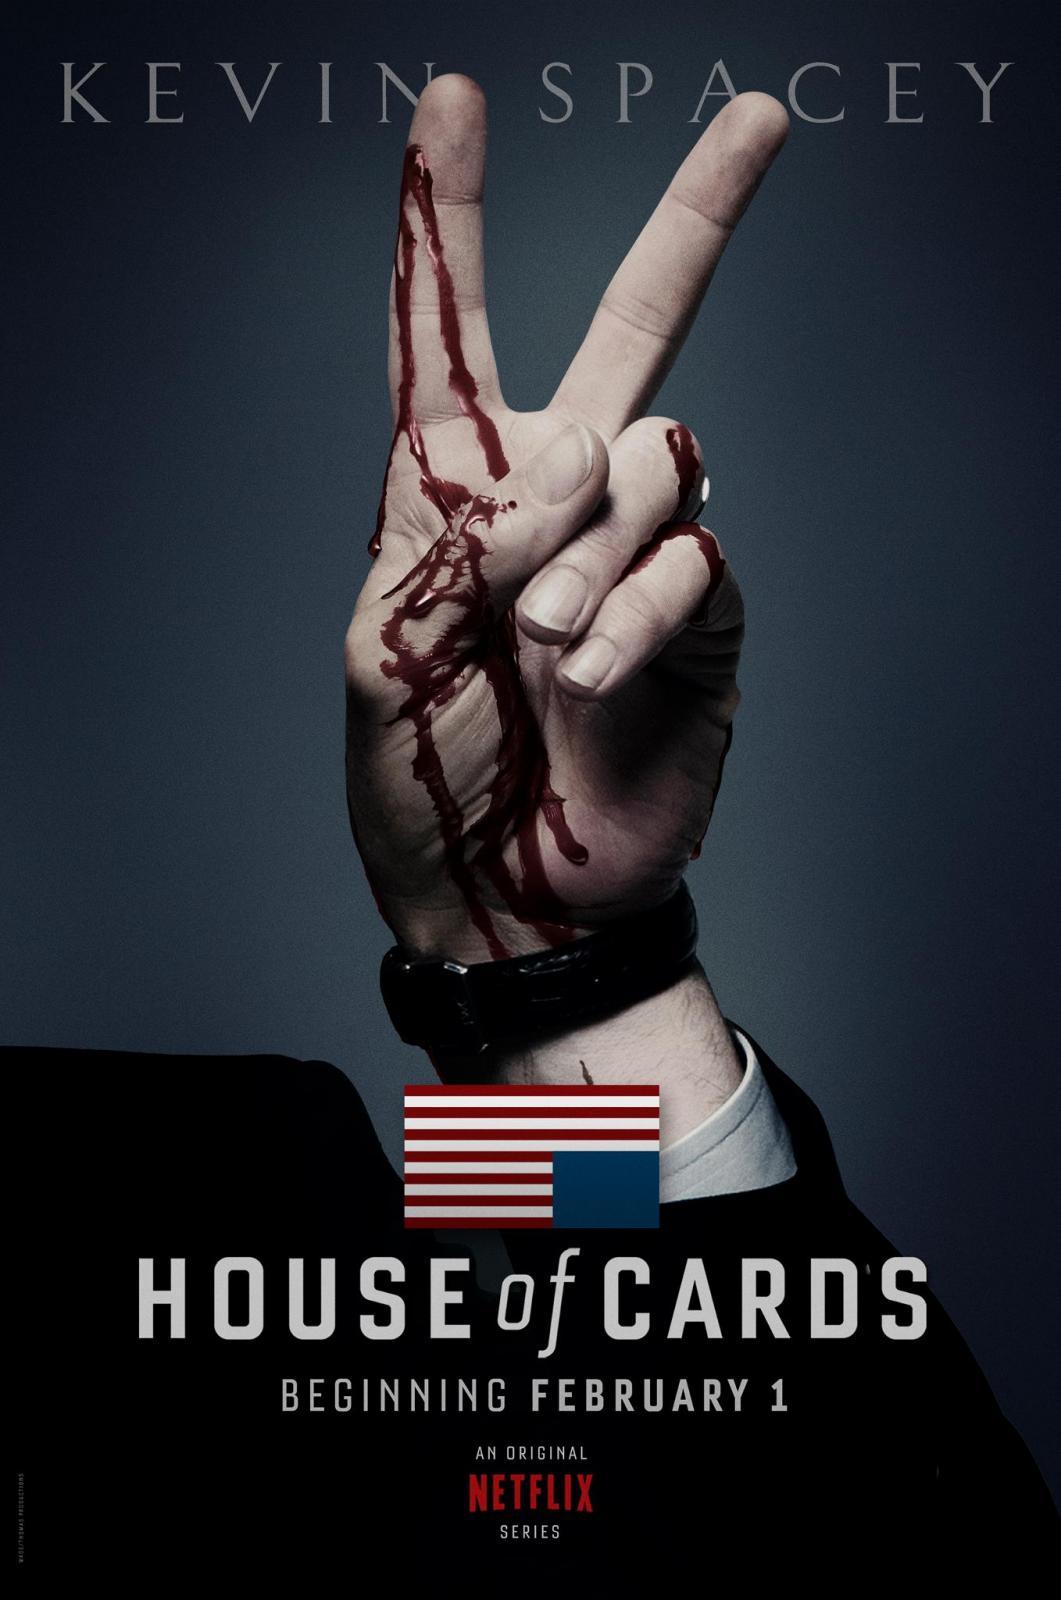 Карточный домик (House of Cards, Netflix) - постер 1 сезона.jpg